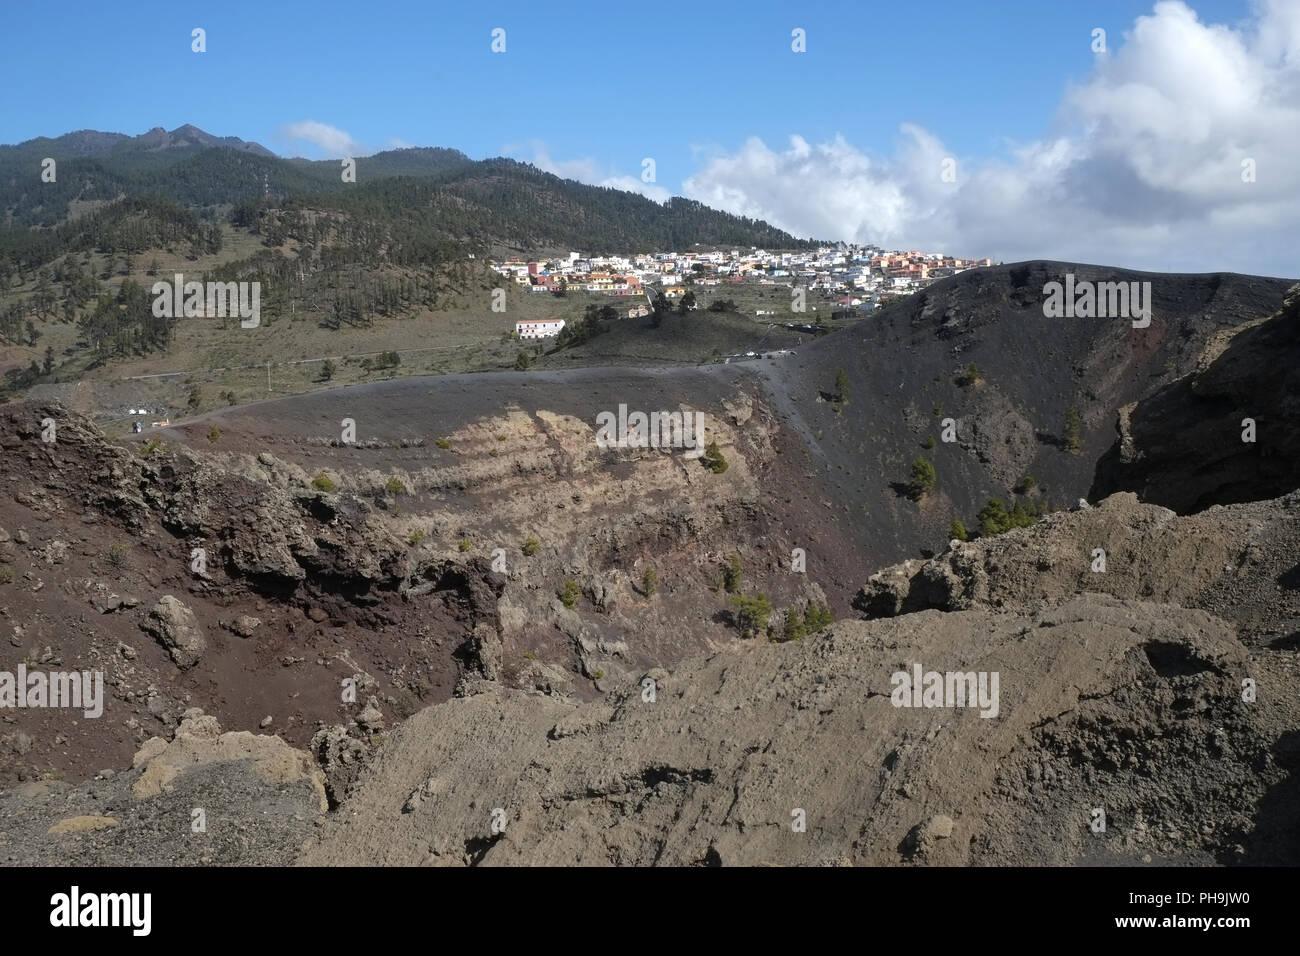 Der Vulkan San Antonio in der Nähe von Los Canarios, La Palma Stockbild